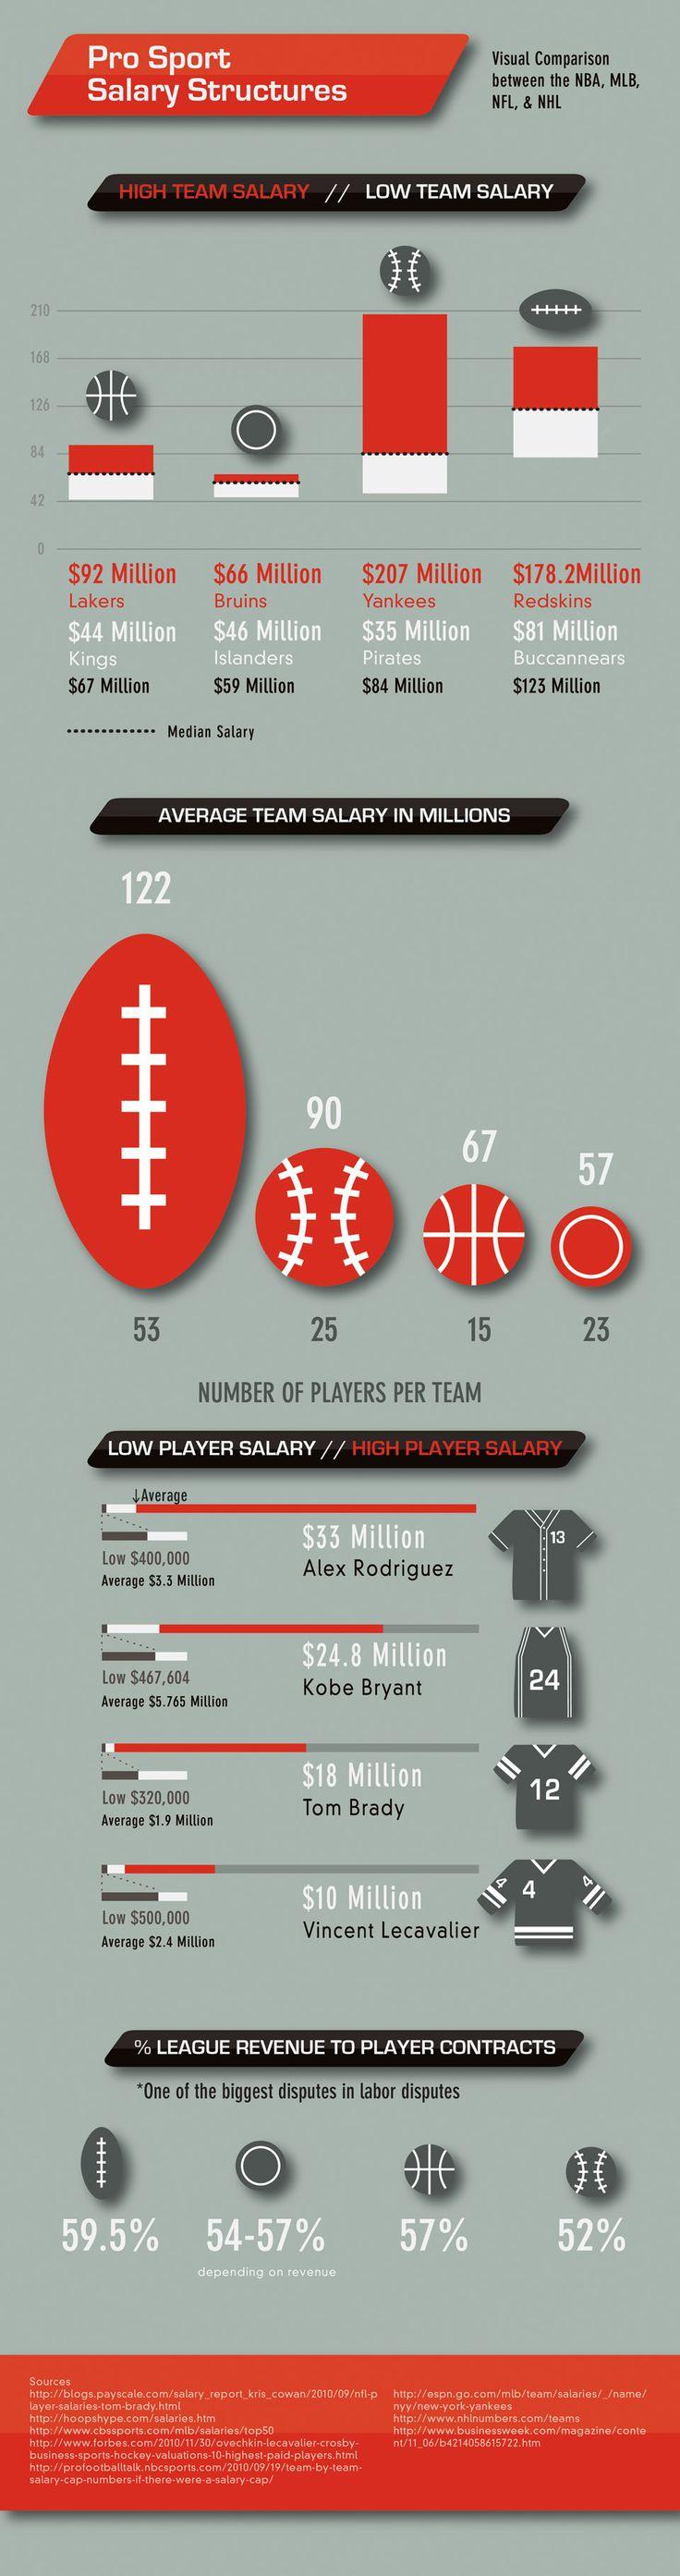 NFL, NBA, and Major League Salaries 2011 Salary cap, Pro